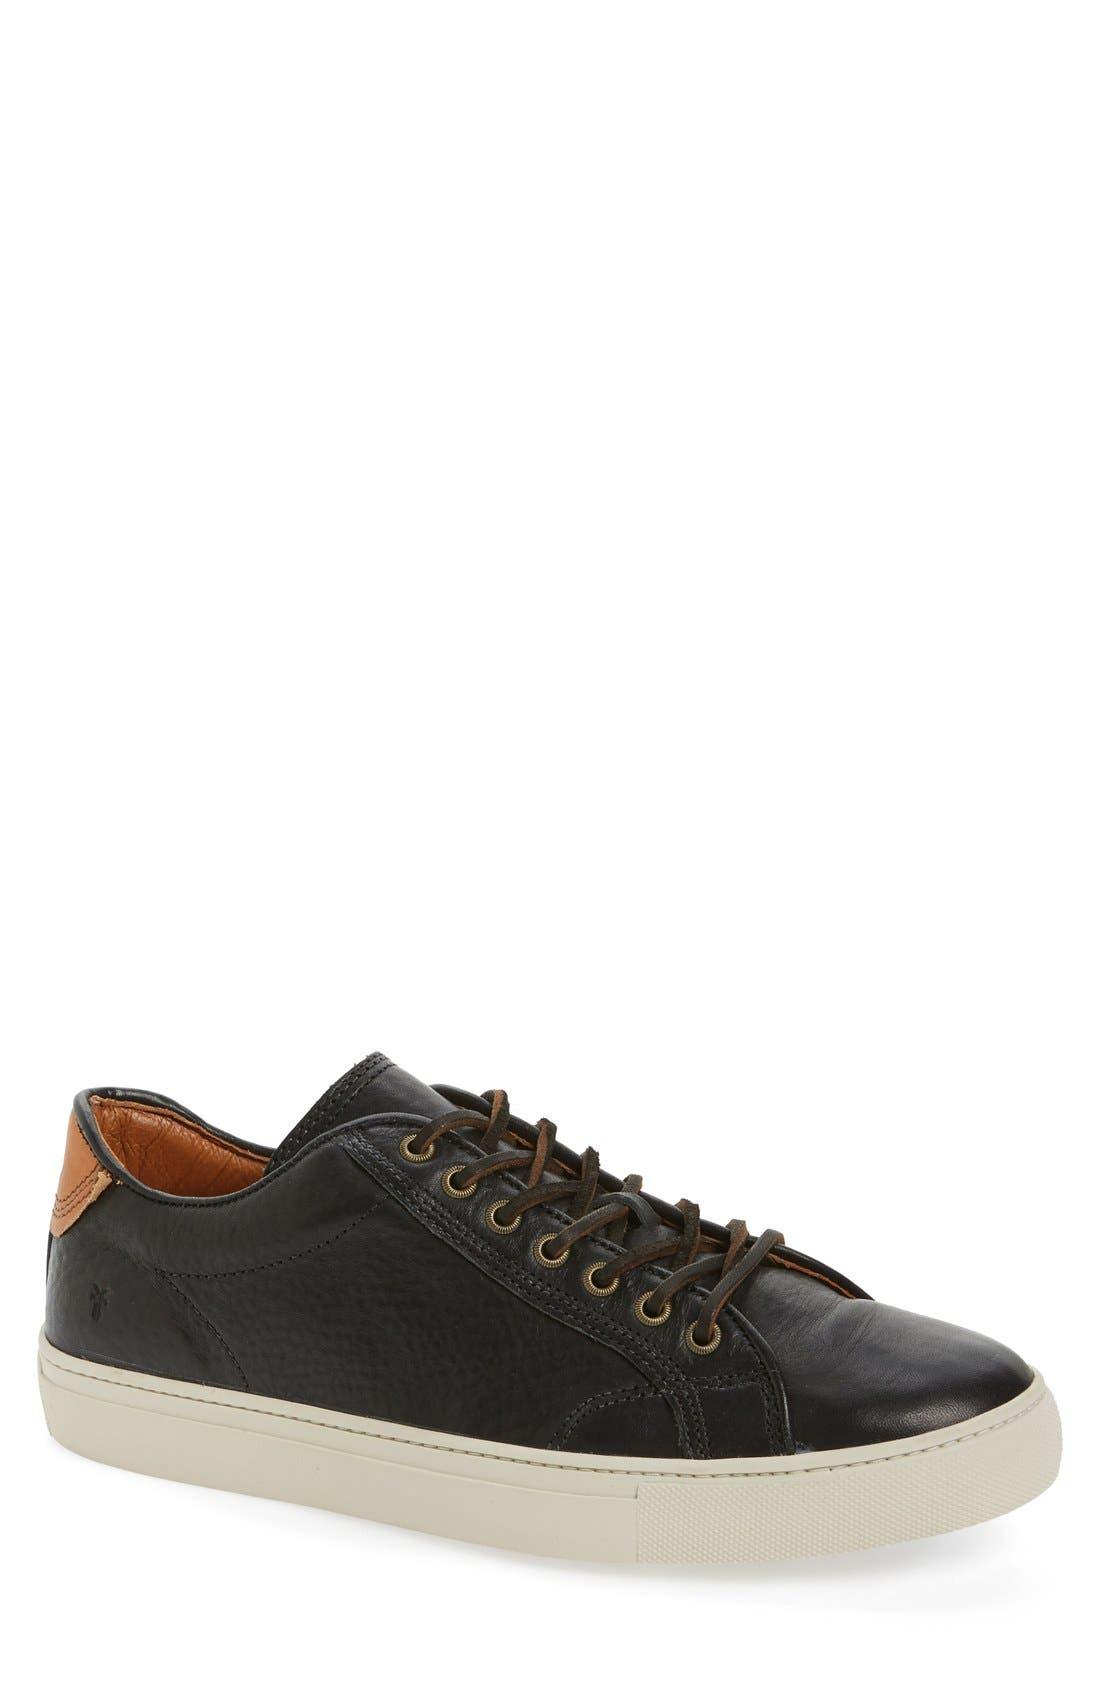 Walker Low Top Sneaker,                             Main thumbnail 1, color,                             001